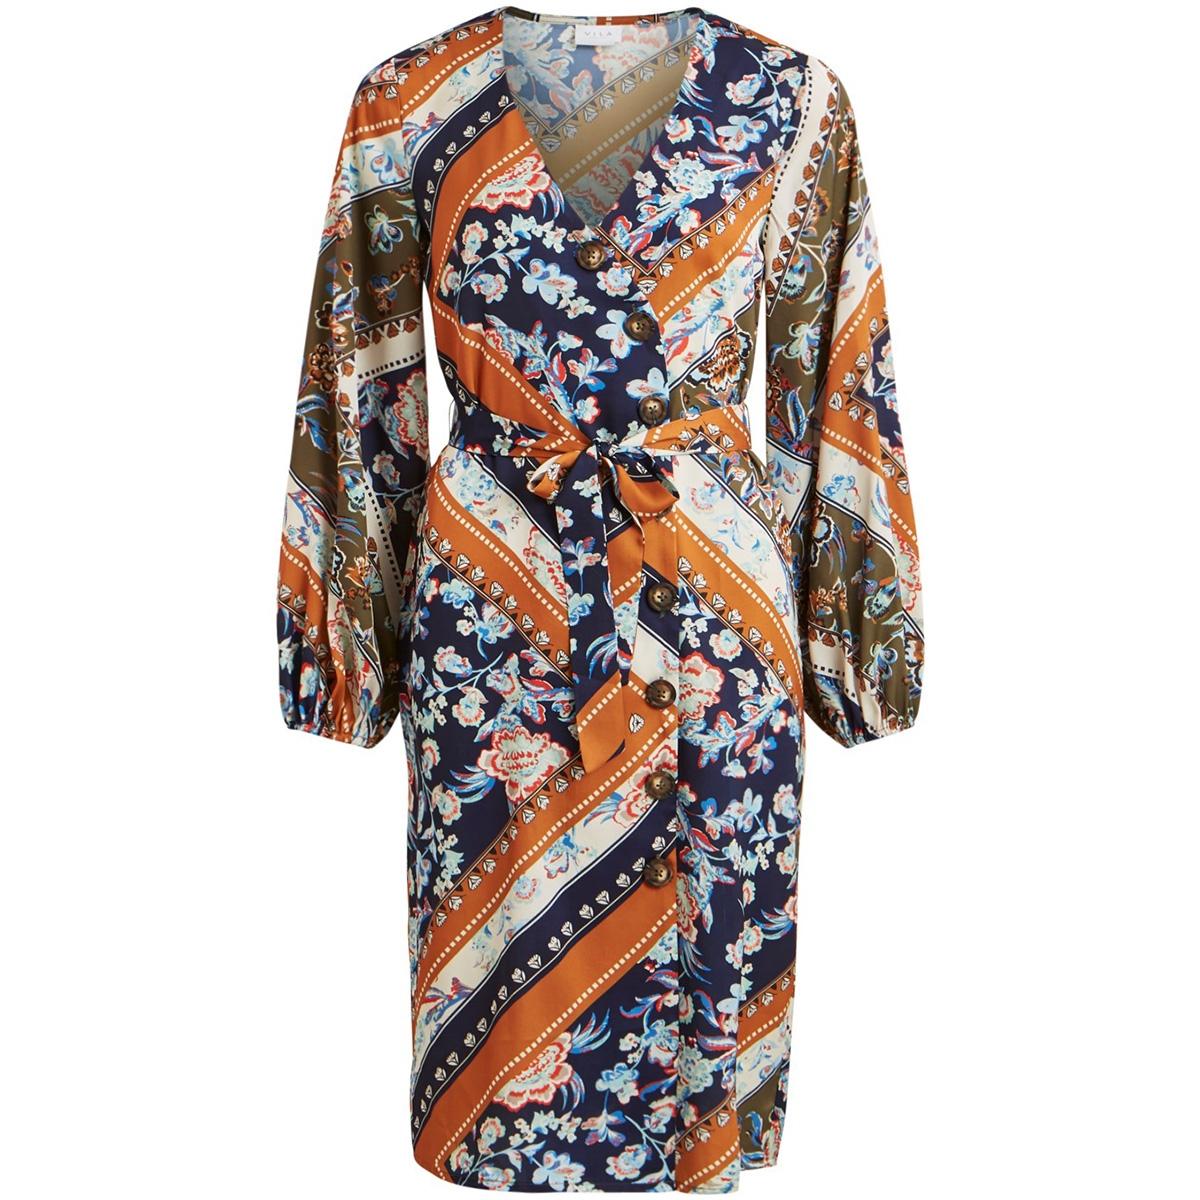 vitrenta l/s dress 14055633 vila jurk navy blazer/ethnic